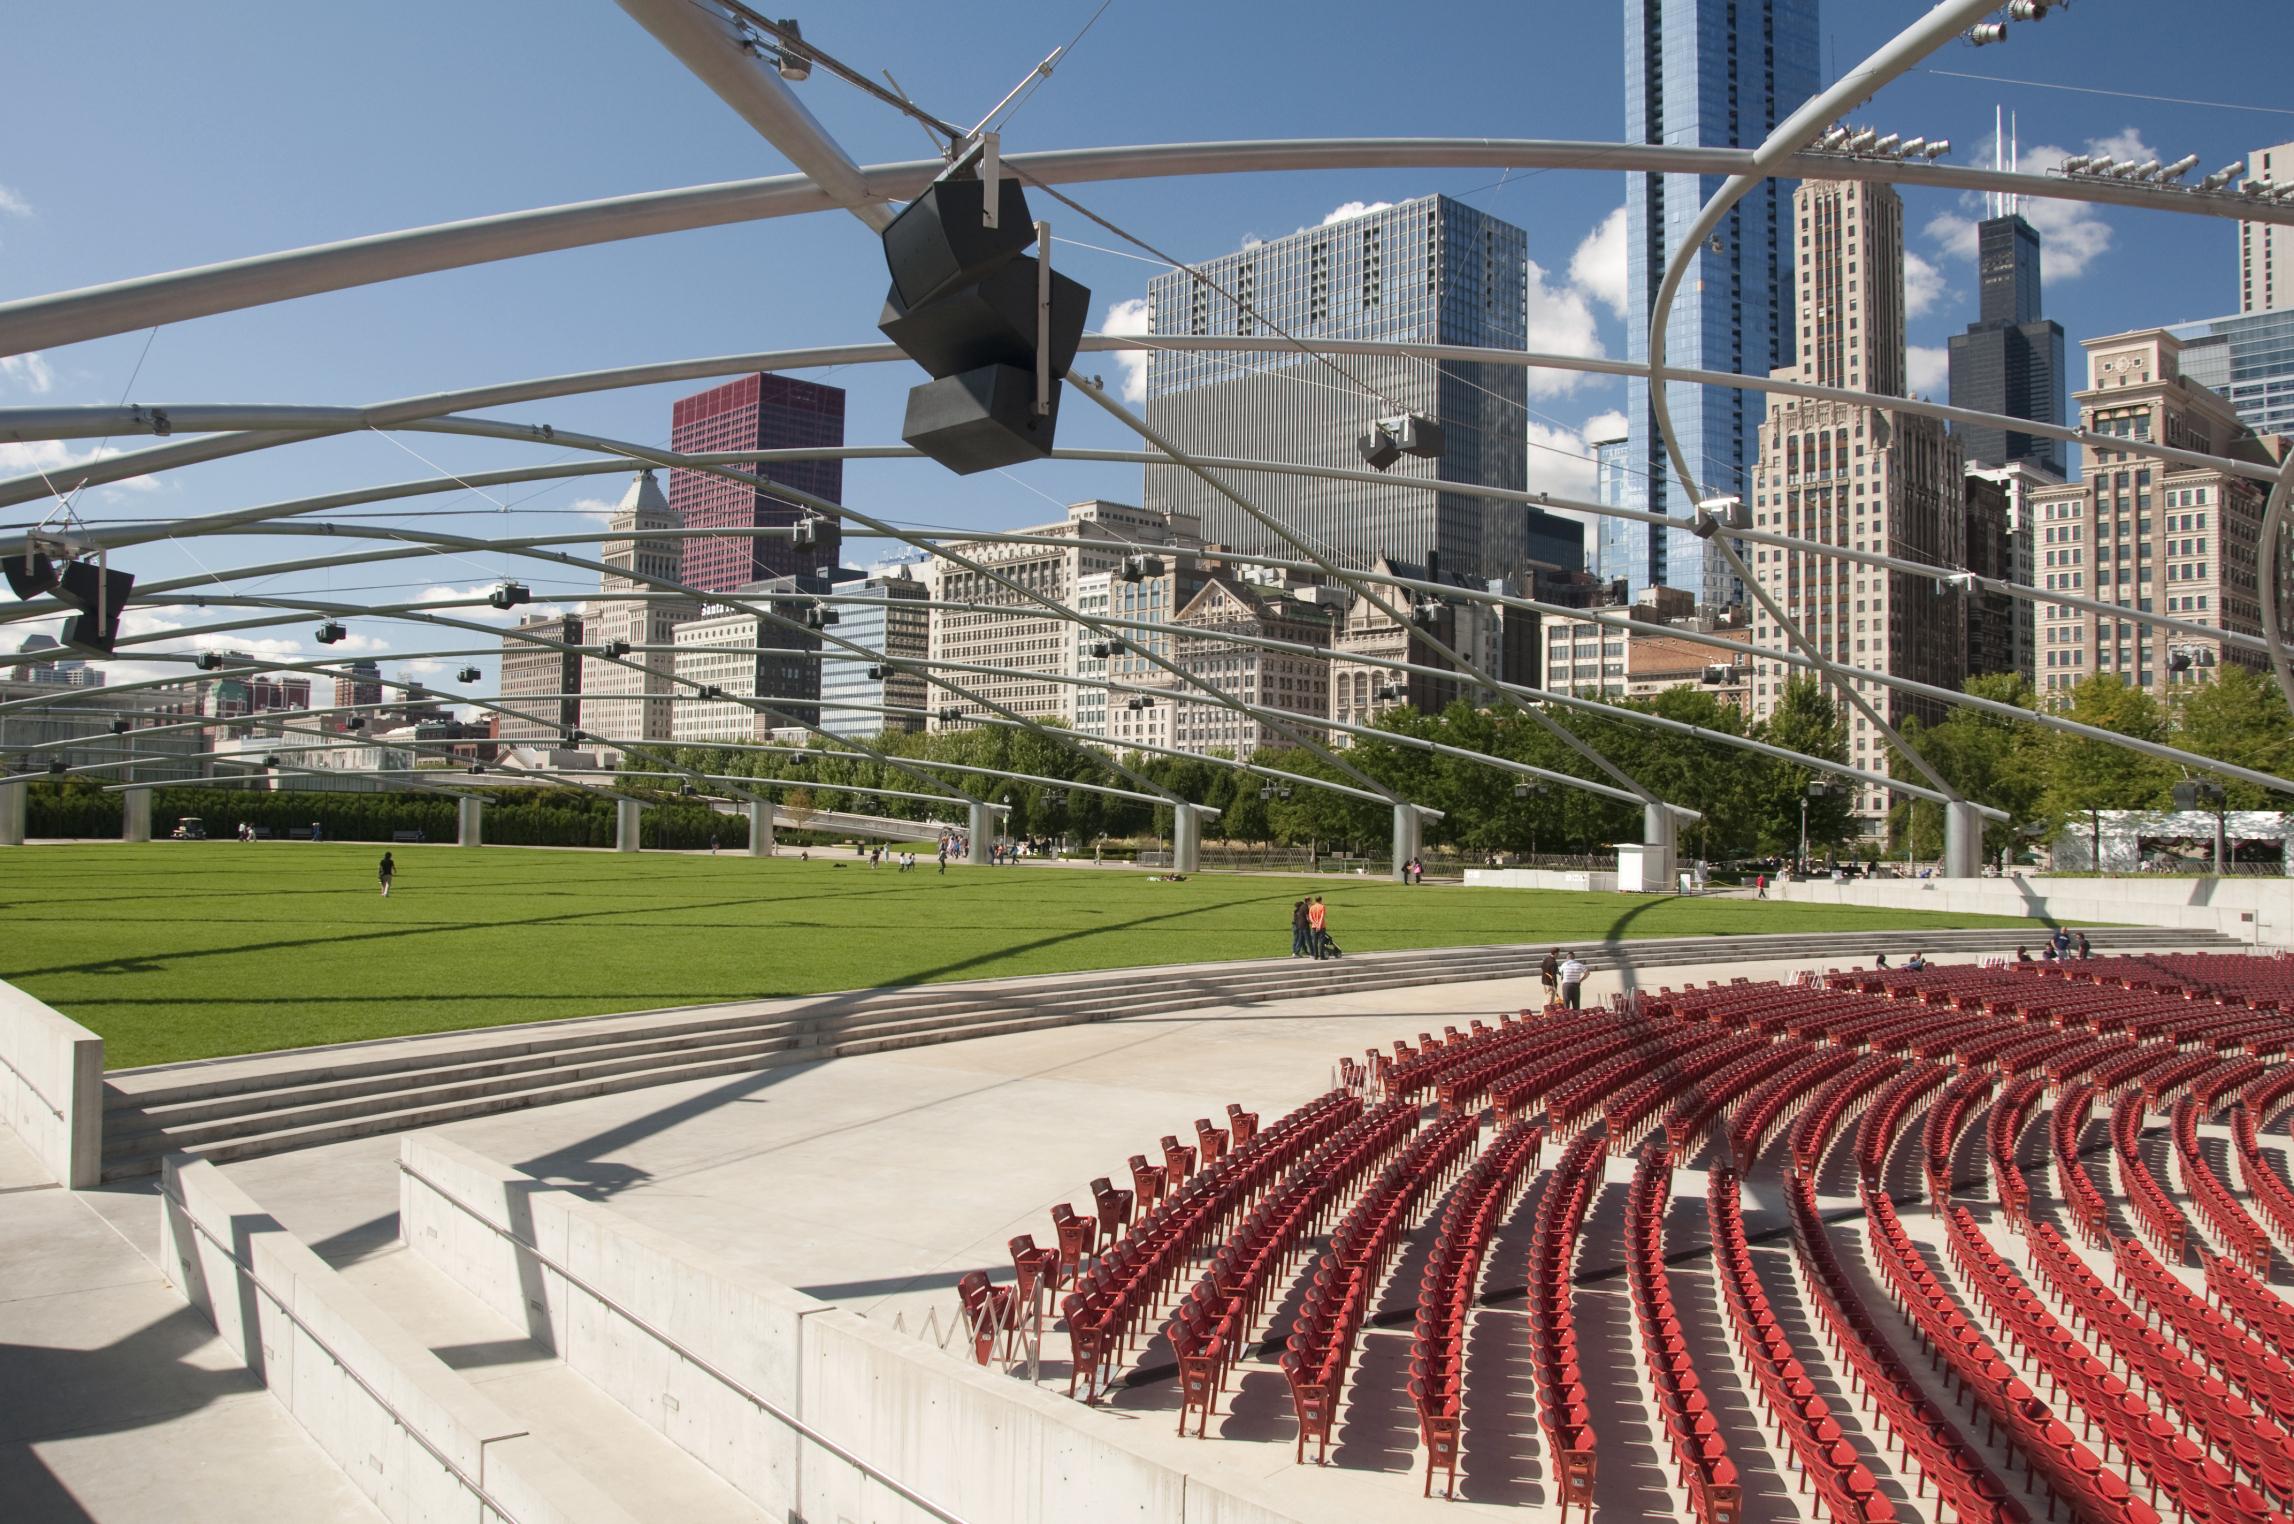 Millenium Park Theatre, Chicago, Illinois